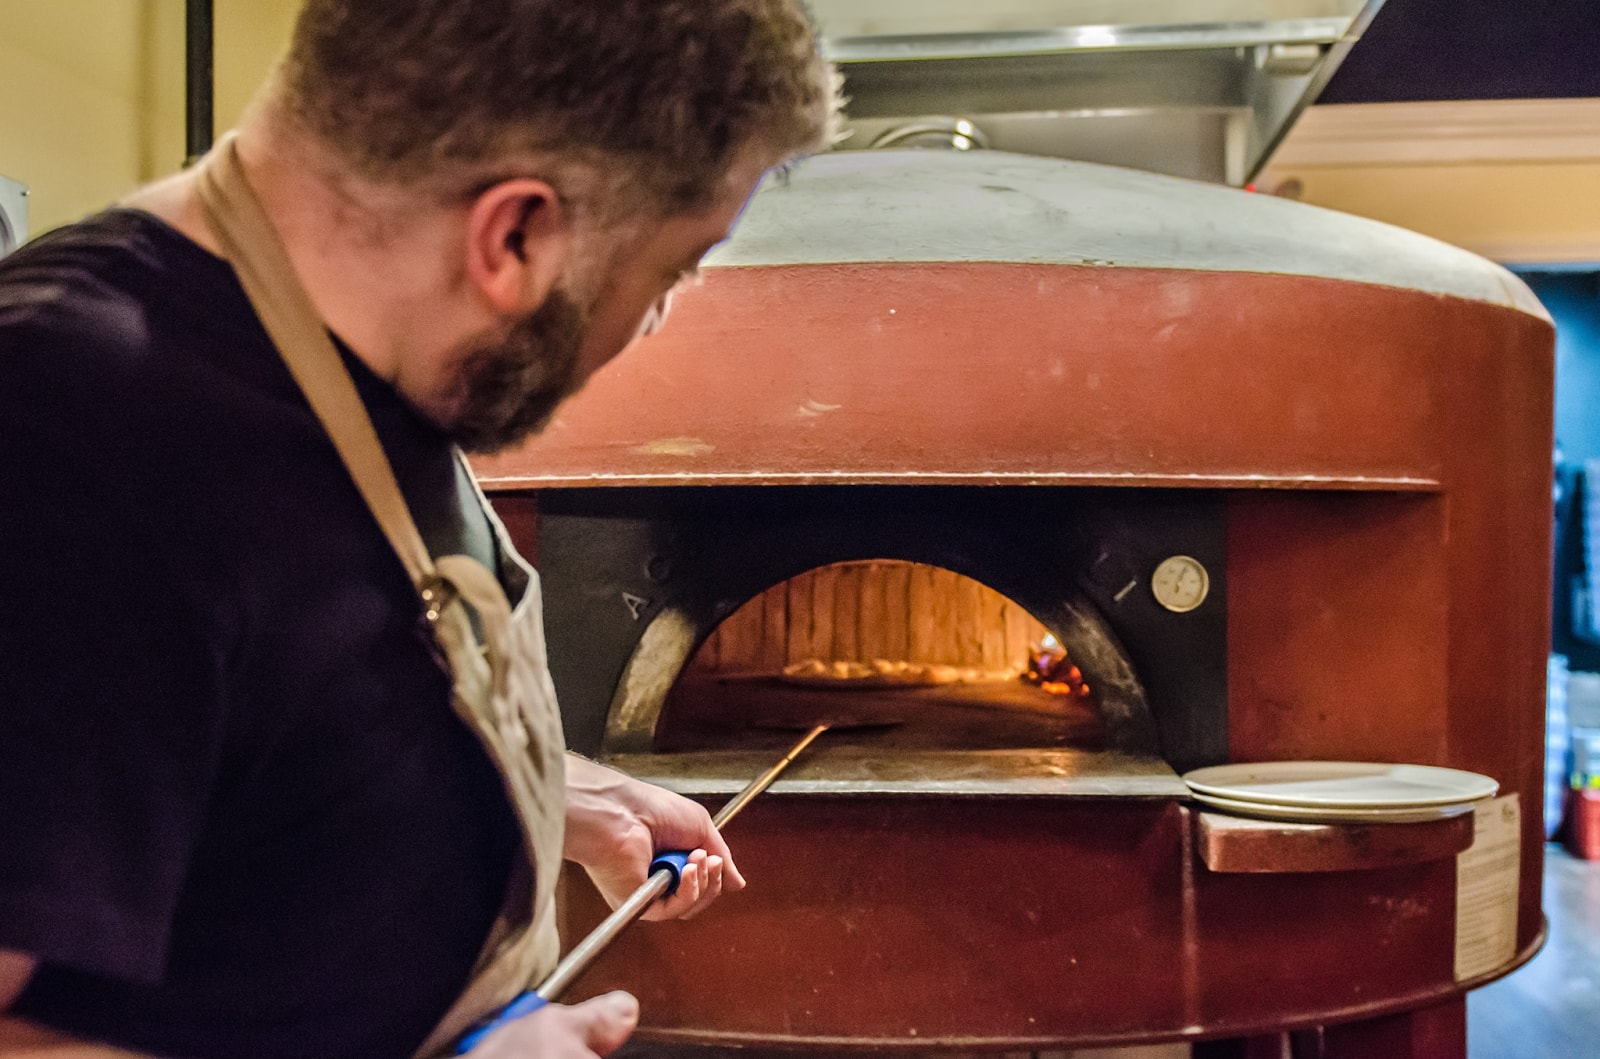 the pizza oven at Pizza Taglio